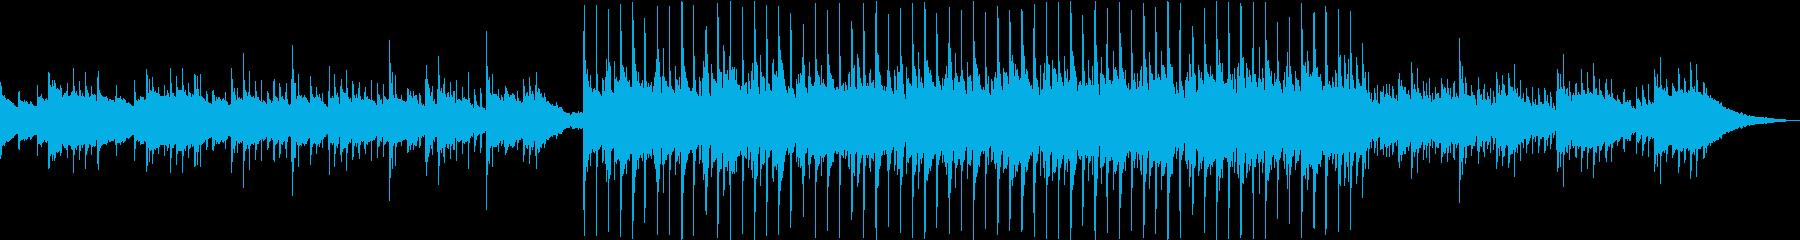 チルで爽やかなアコースティックポップスの再生済みの波形